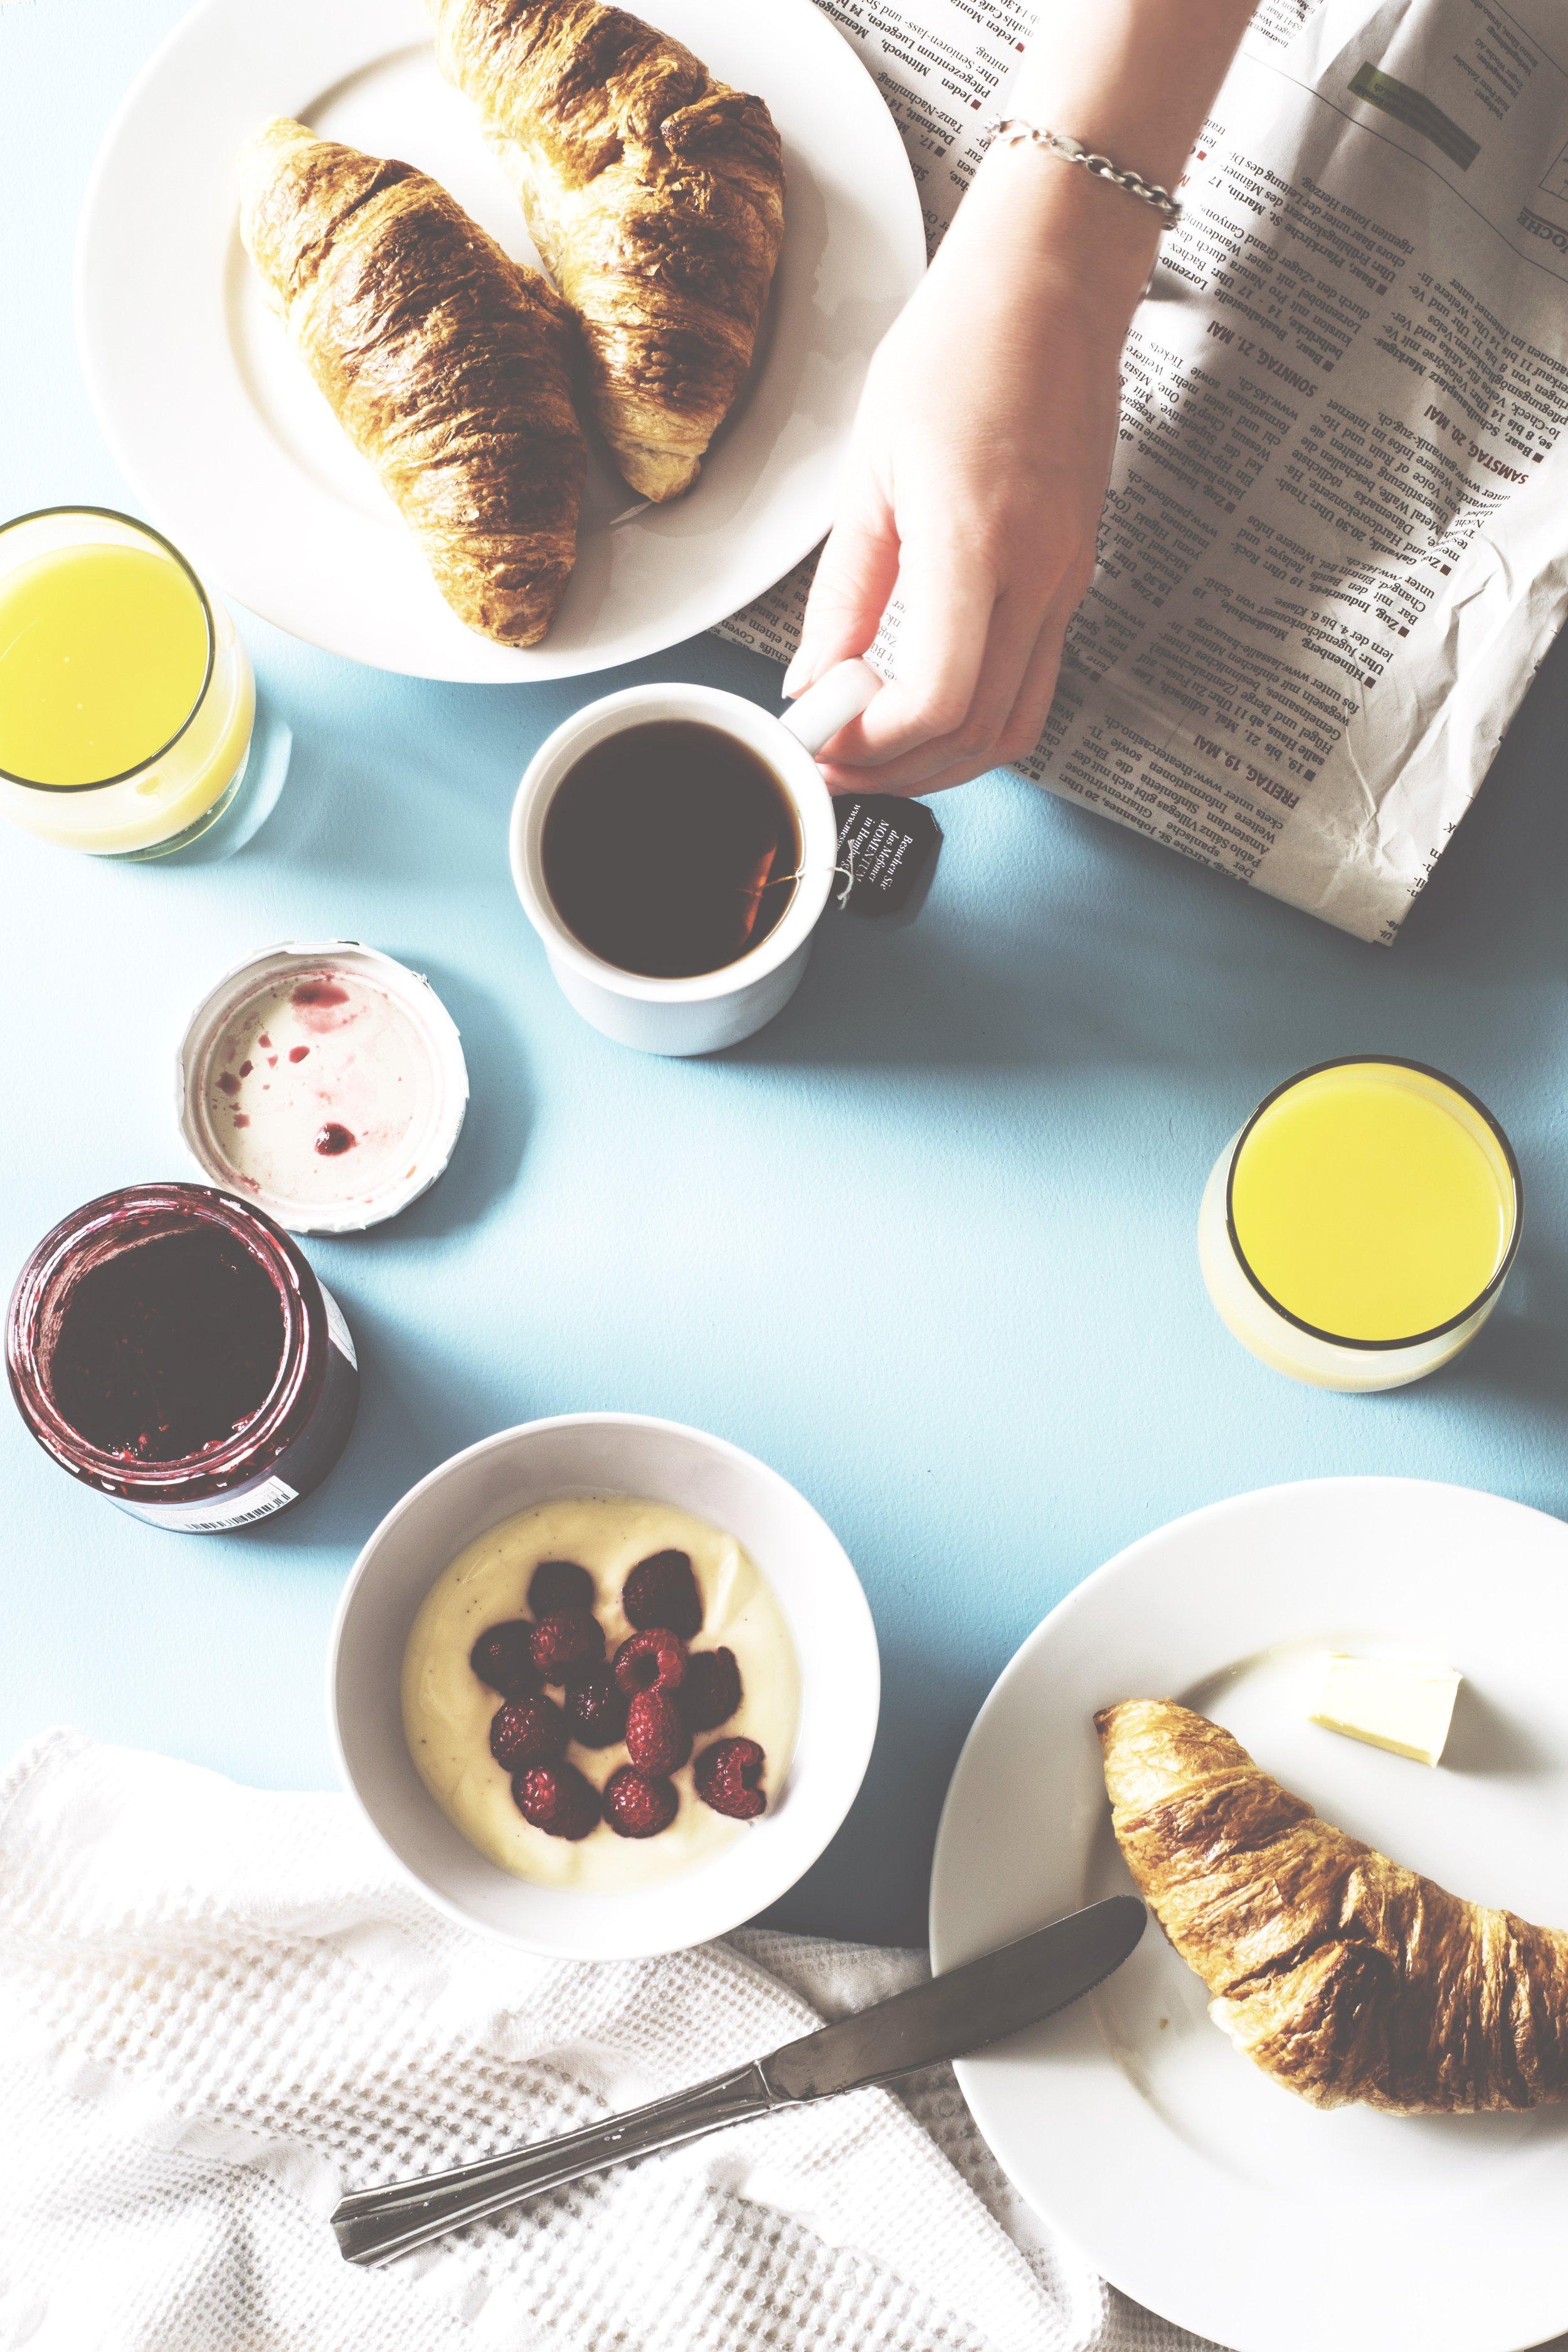 bread-knife-breakfast-coffee-619328.jpg